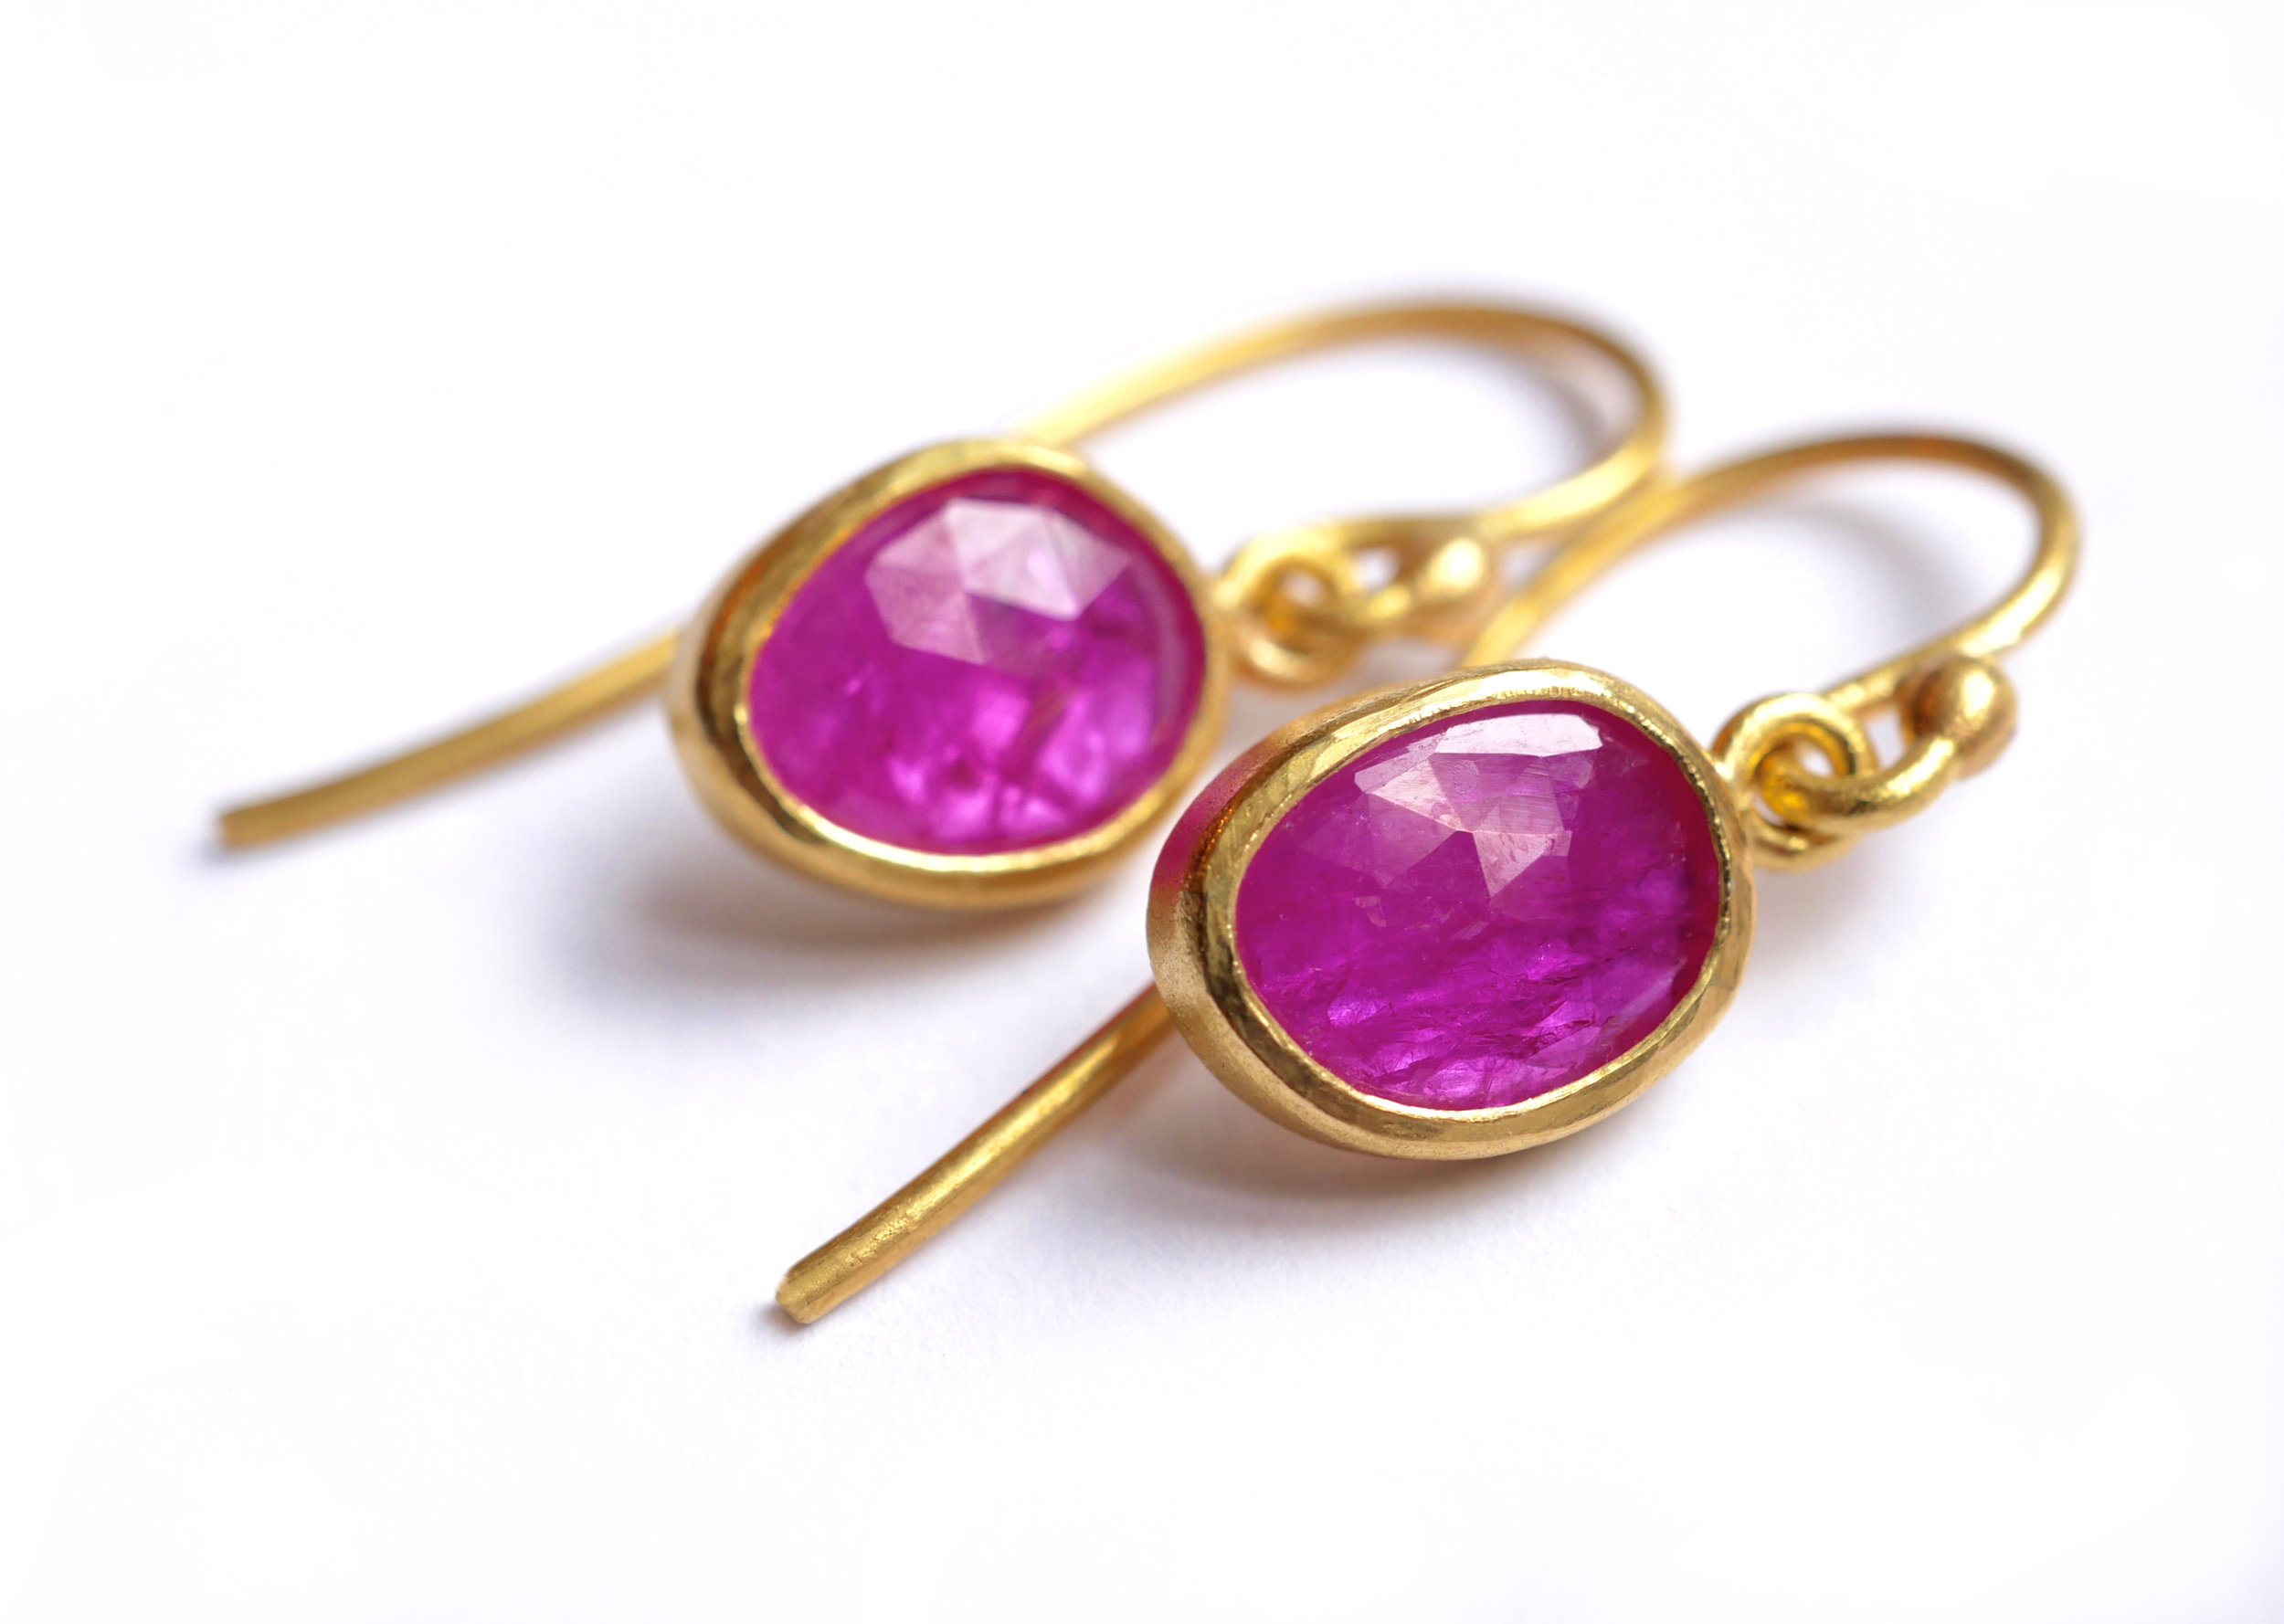 earring_pinkruby1.jpg